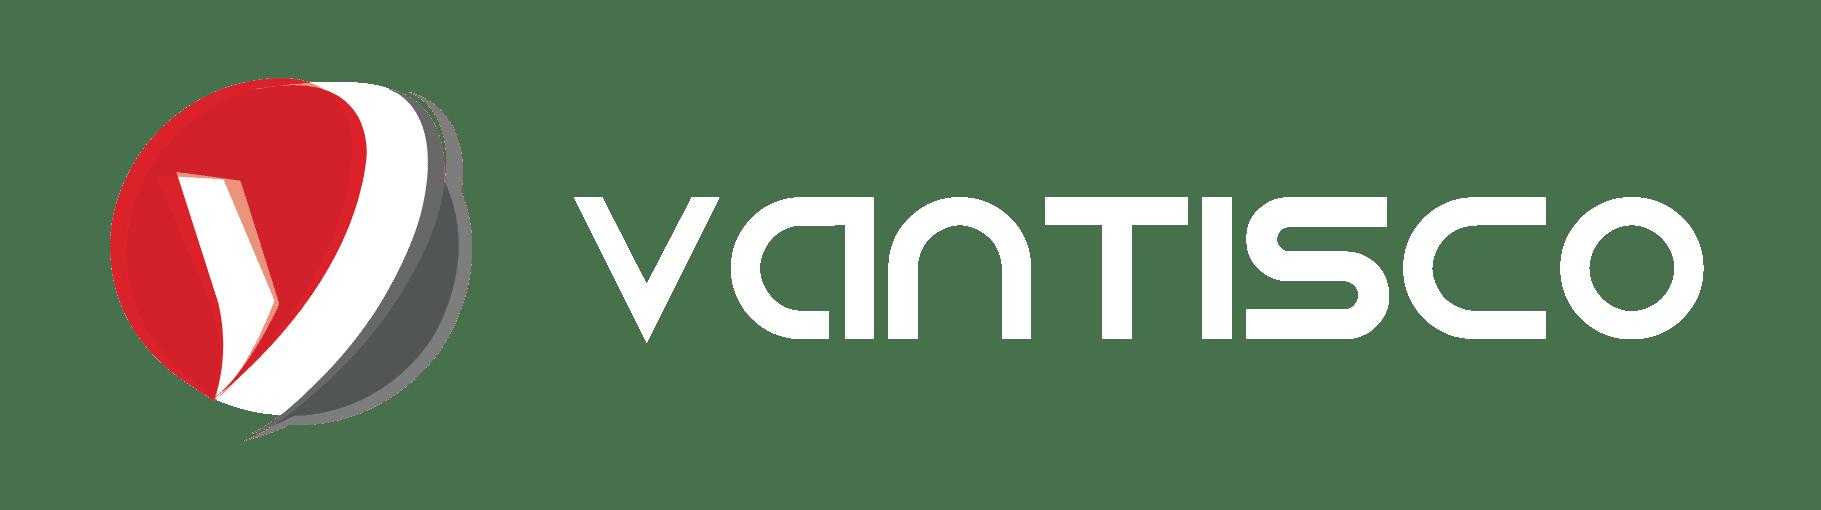 Vantisco Academy